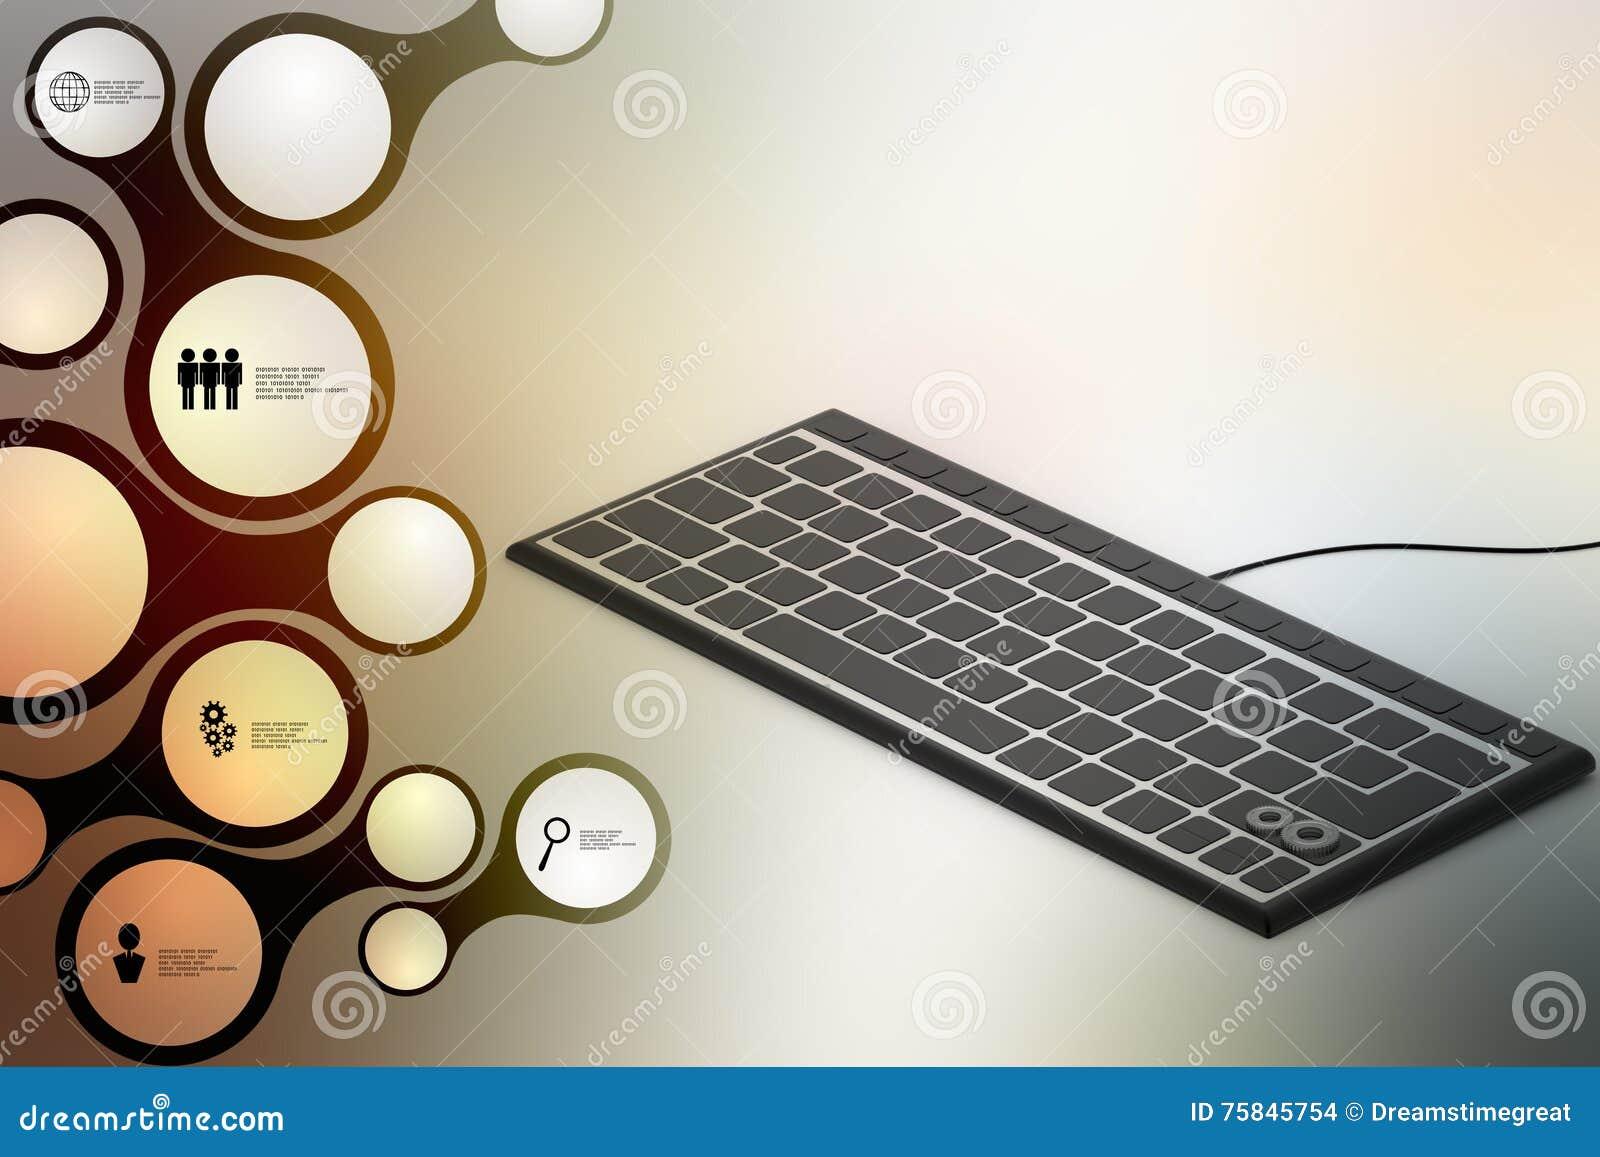 计算机概念输入关键关键董事会问题替换黄色的interrrogation